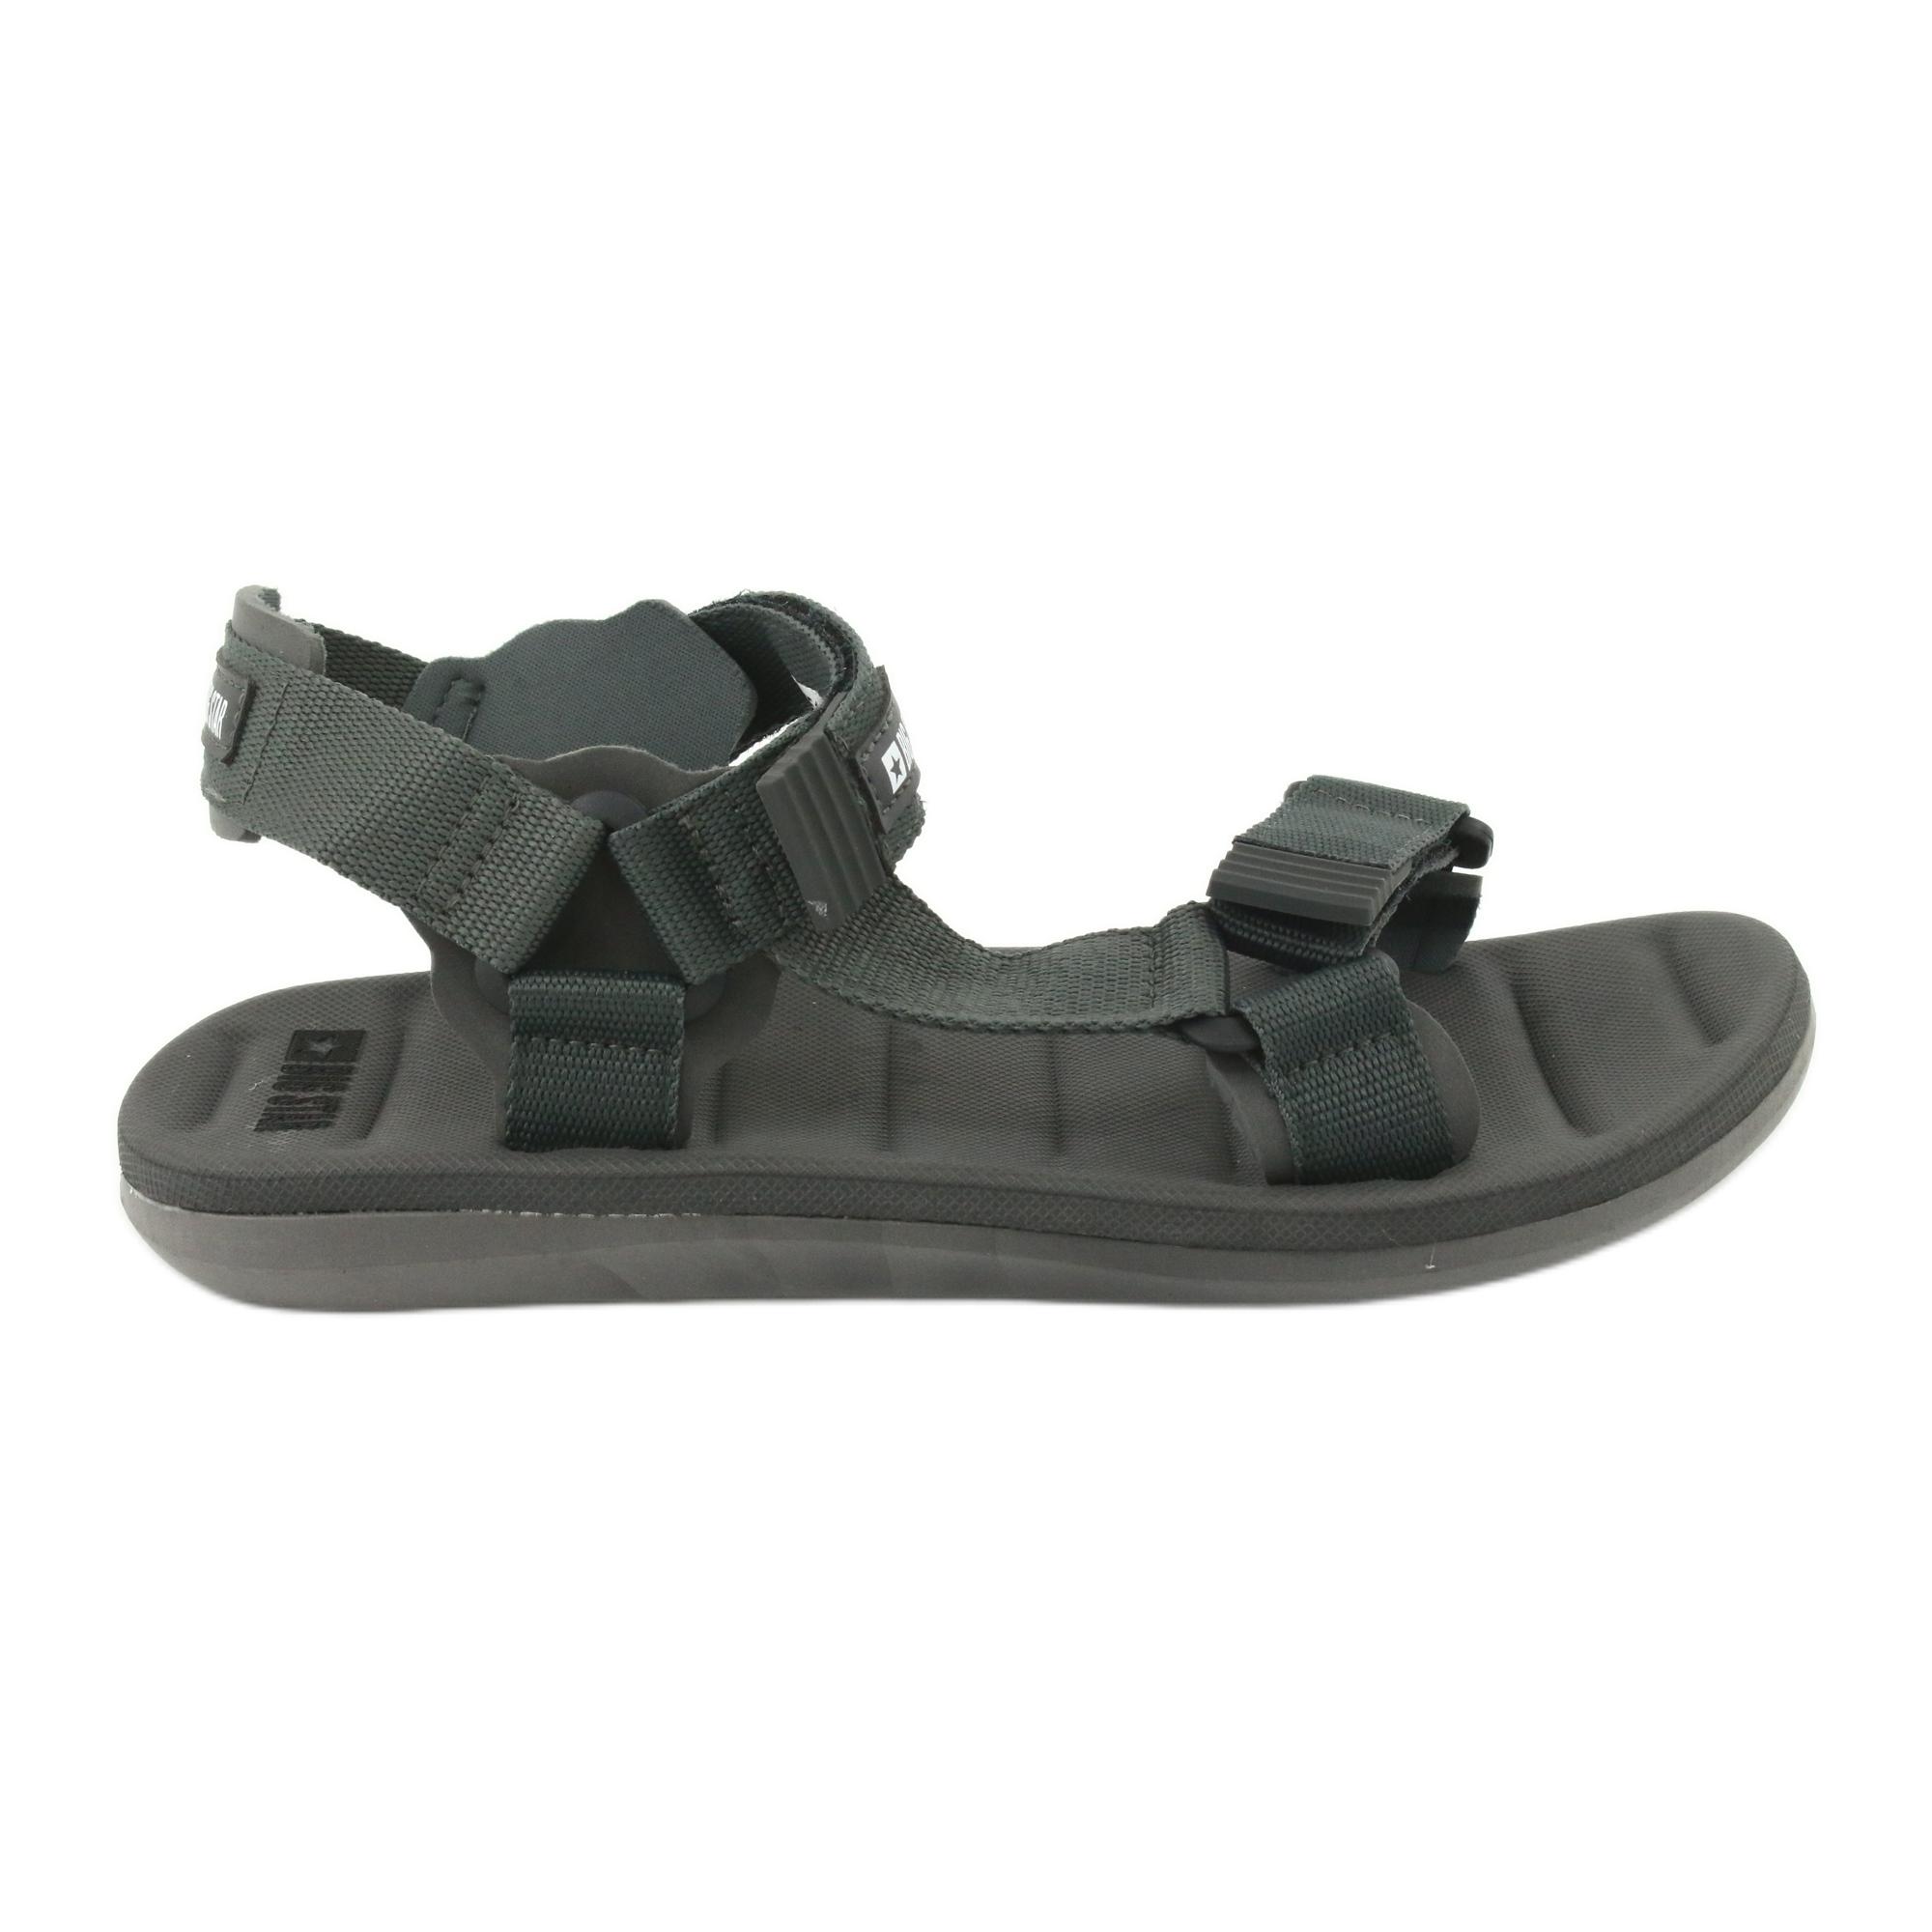 Big Star 174501 men's sandals grey